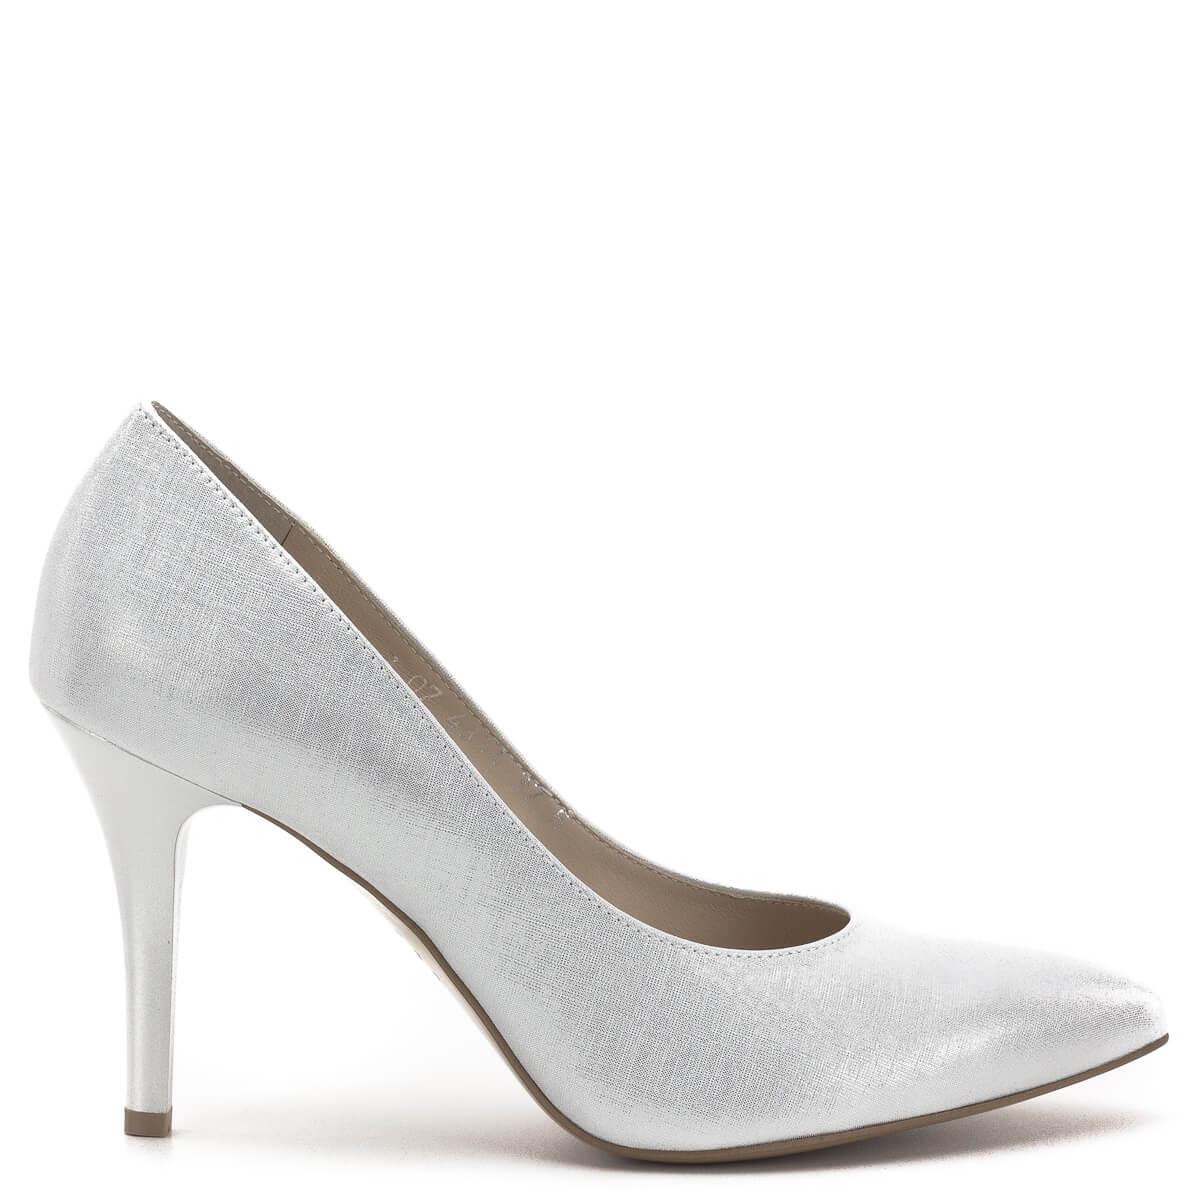 f0308eb3f1 ... Anis cipő ezüst színben, 9 centis sarokkal. Gyönyörű alkalmi cipő,  klasszikus, hegyes ...